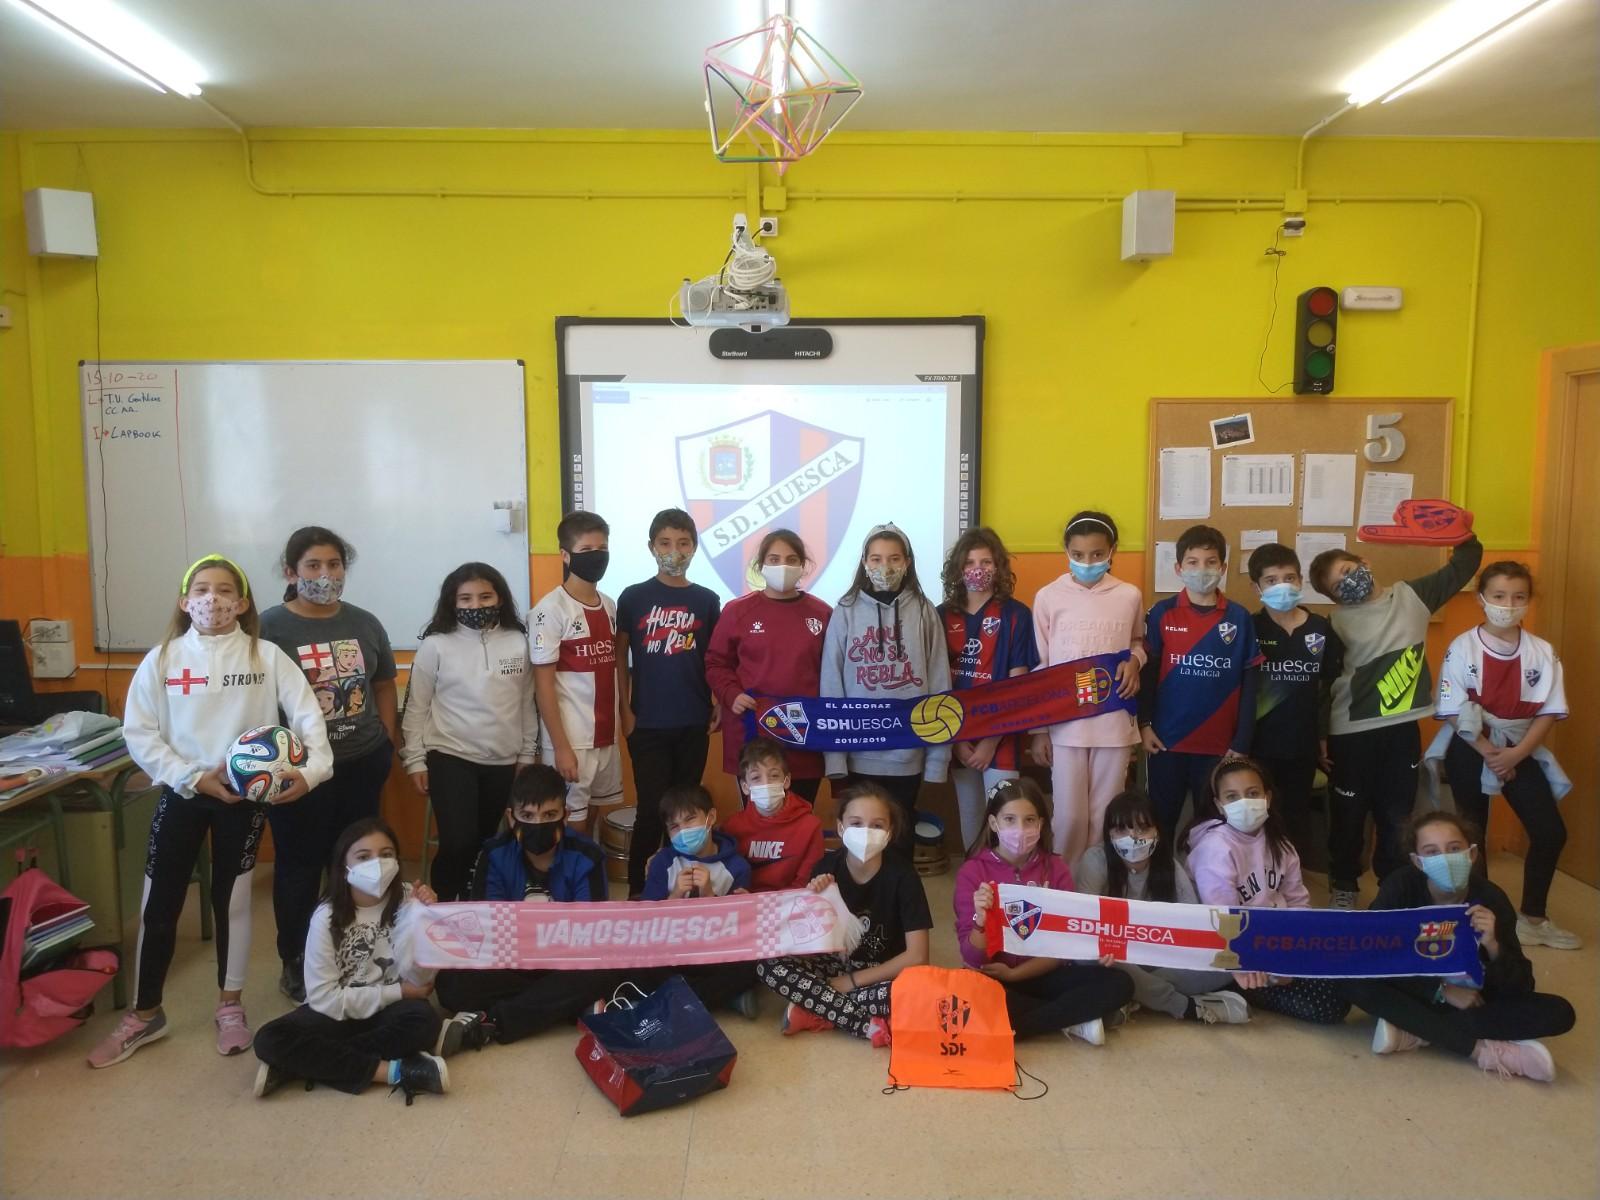 Aprender geografía o matemáticas con la SD Huesca